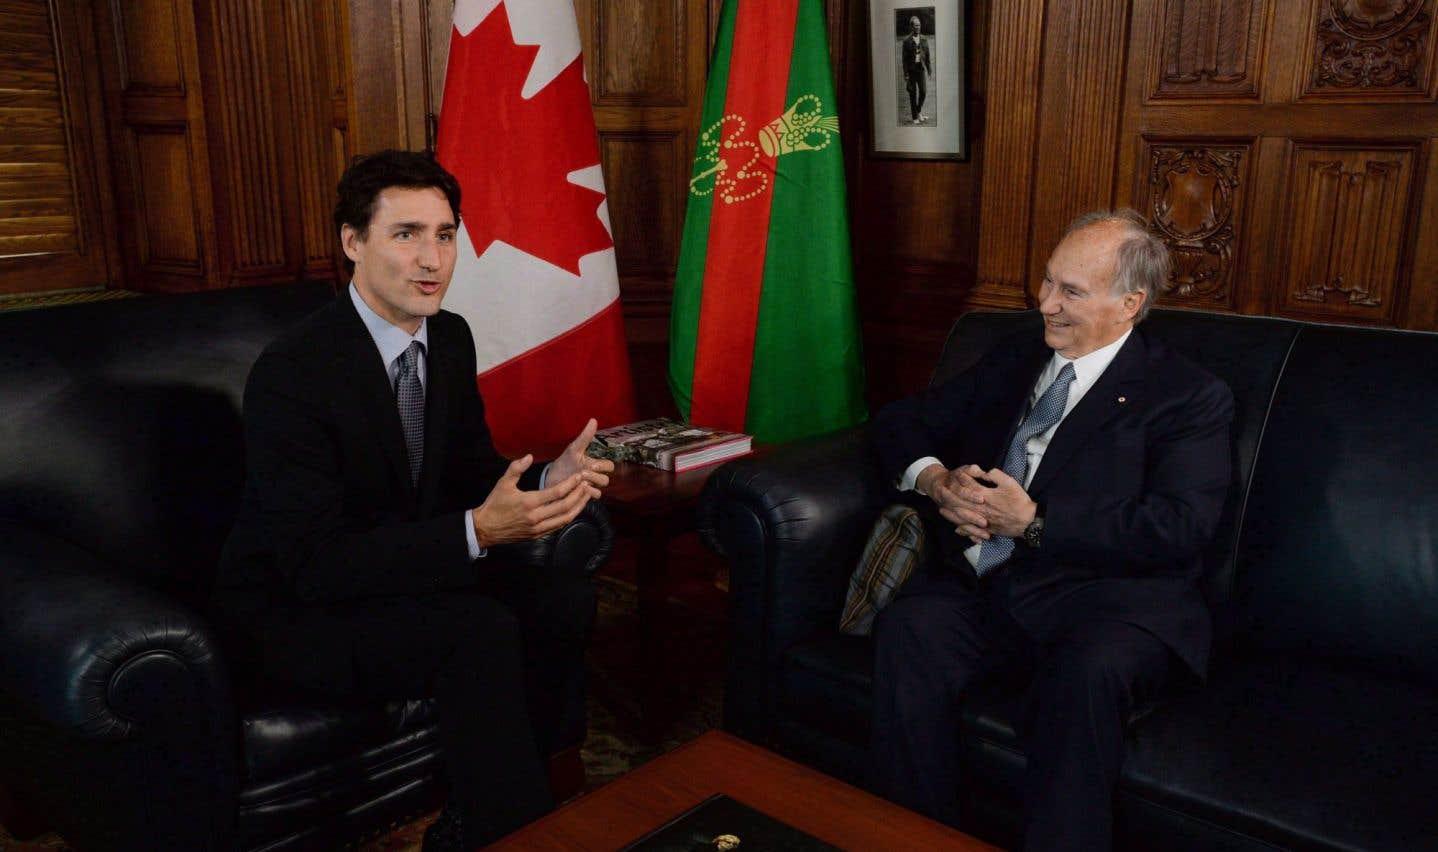 La commissaire à l'éthique enquêtera sur les vacances de Trudeau chez l'Aga Khan